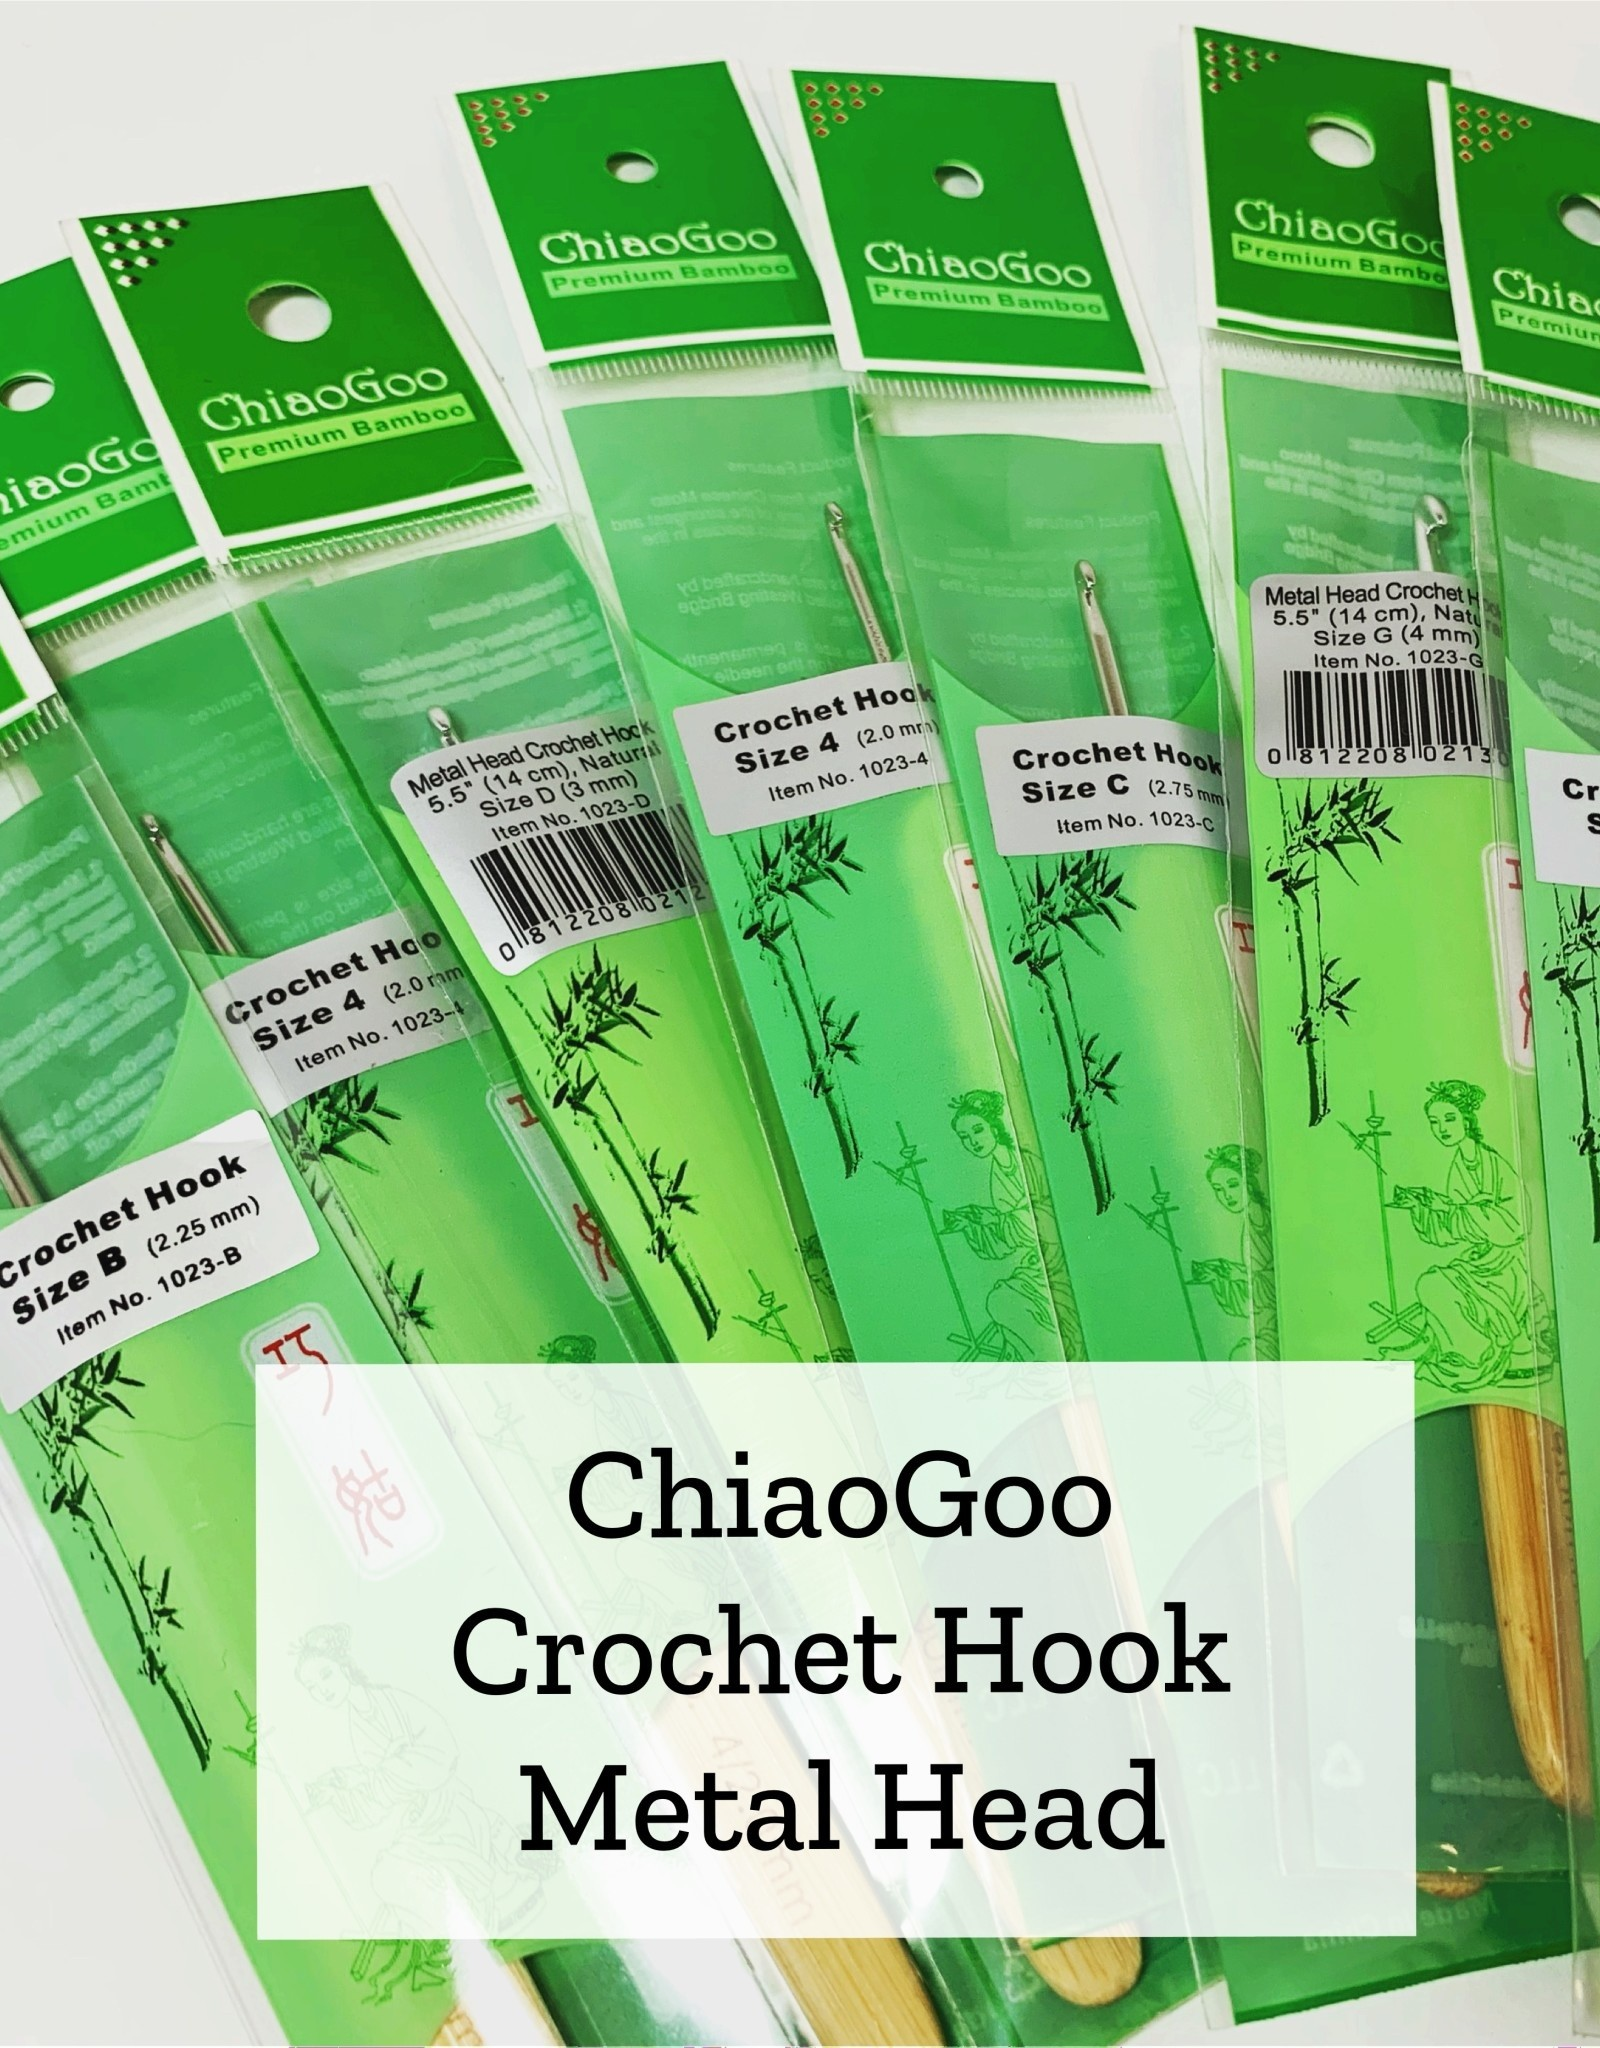 ChiaoGoo Metal Head Crochet - 2.75 mm